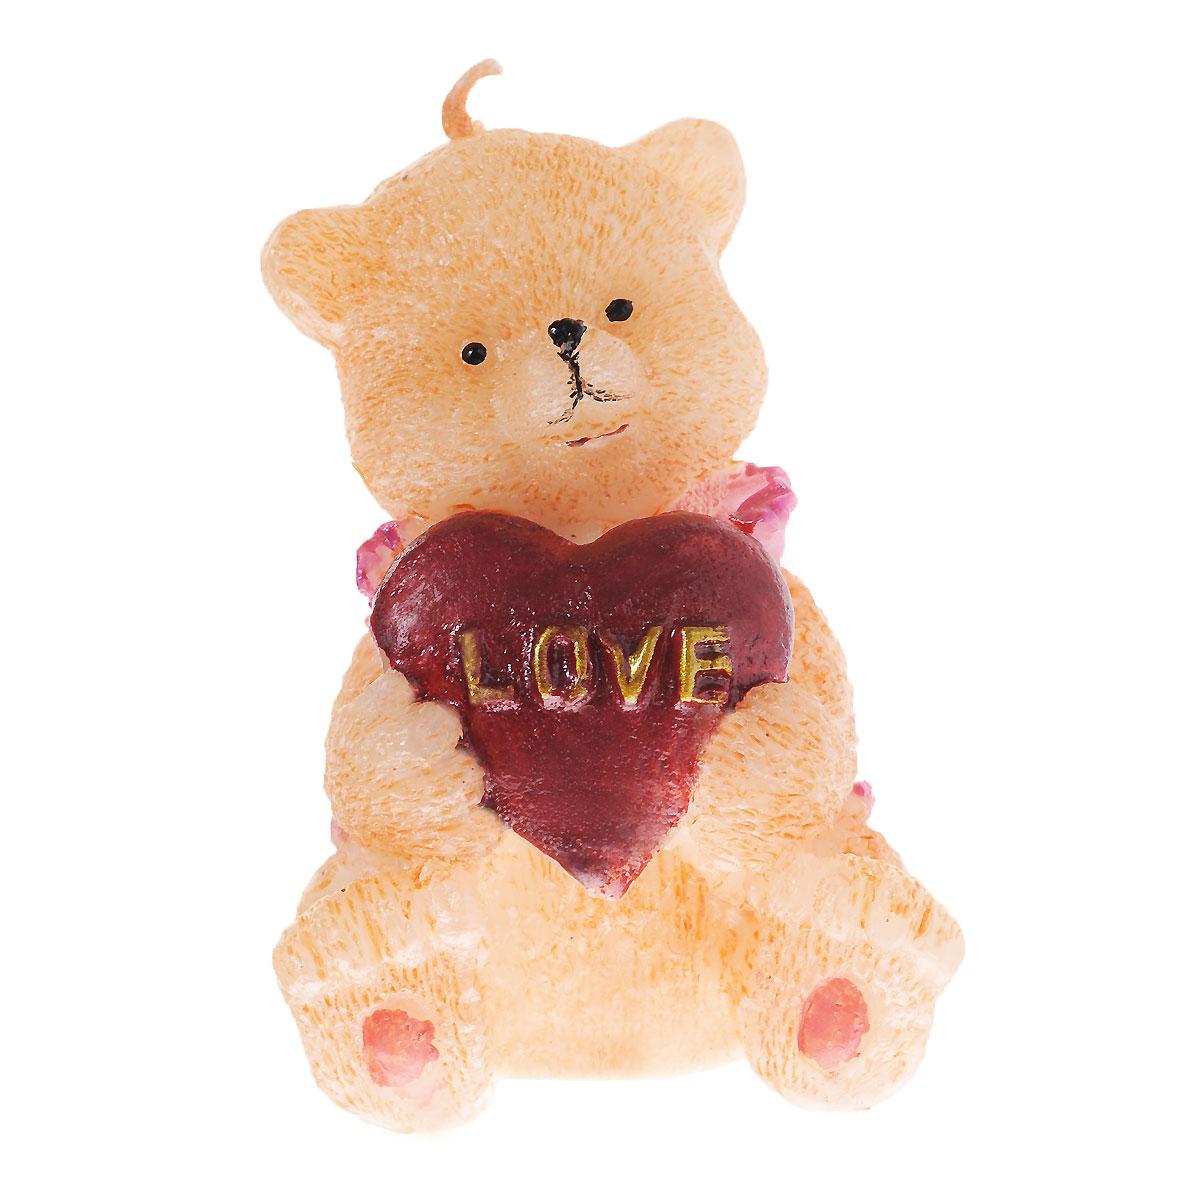 Свеча декоративная Home Queen Мишка. 6043060430Свеча декоративная Home Queen Мишка отличный подарок, подчеркивающий яркую индивидуальность того, кому он предназначается. Изделие выполнено из парафина в виде медвежонка держащего сердечко. Такая свеча украсит интерьер вашего дома или офиса. Оригинальный дизайн и красочное исполнение создадут отличное настроение.